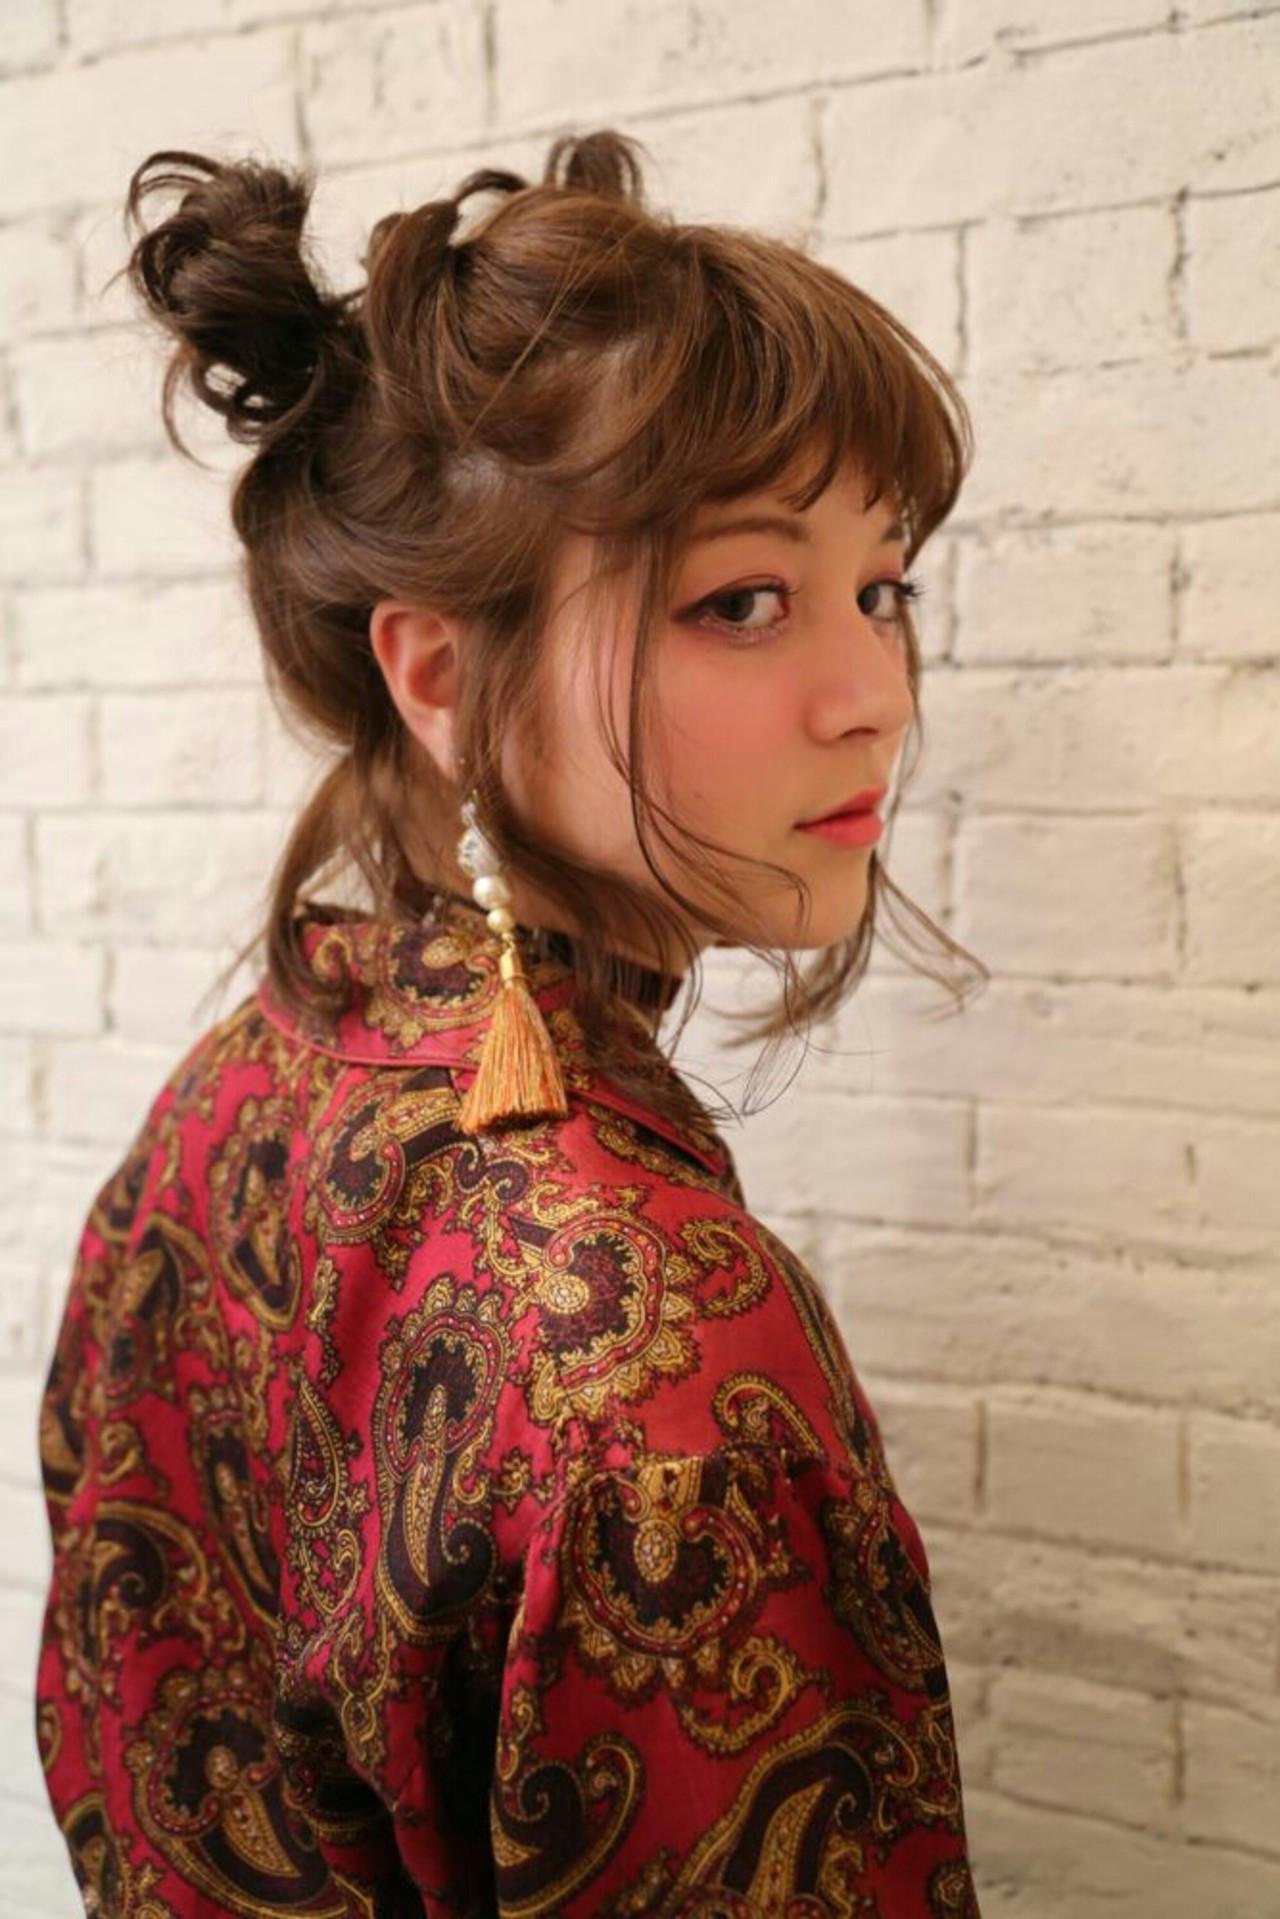 かわいい おフェロ ミディアム ヘアアレンジ ヘアスタイルや髪型の写真・画像